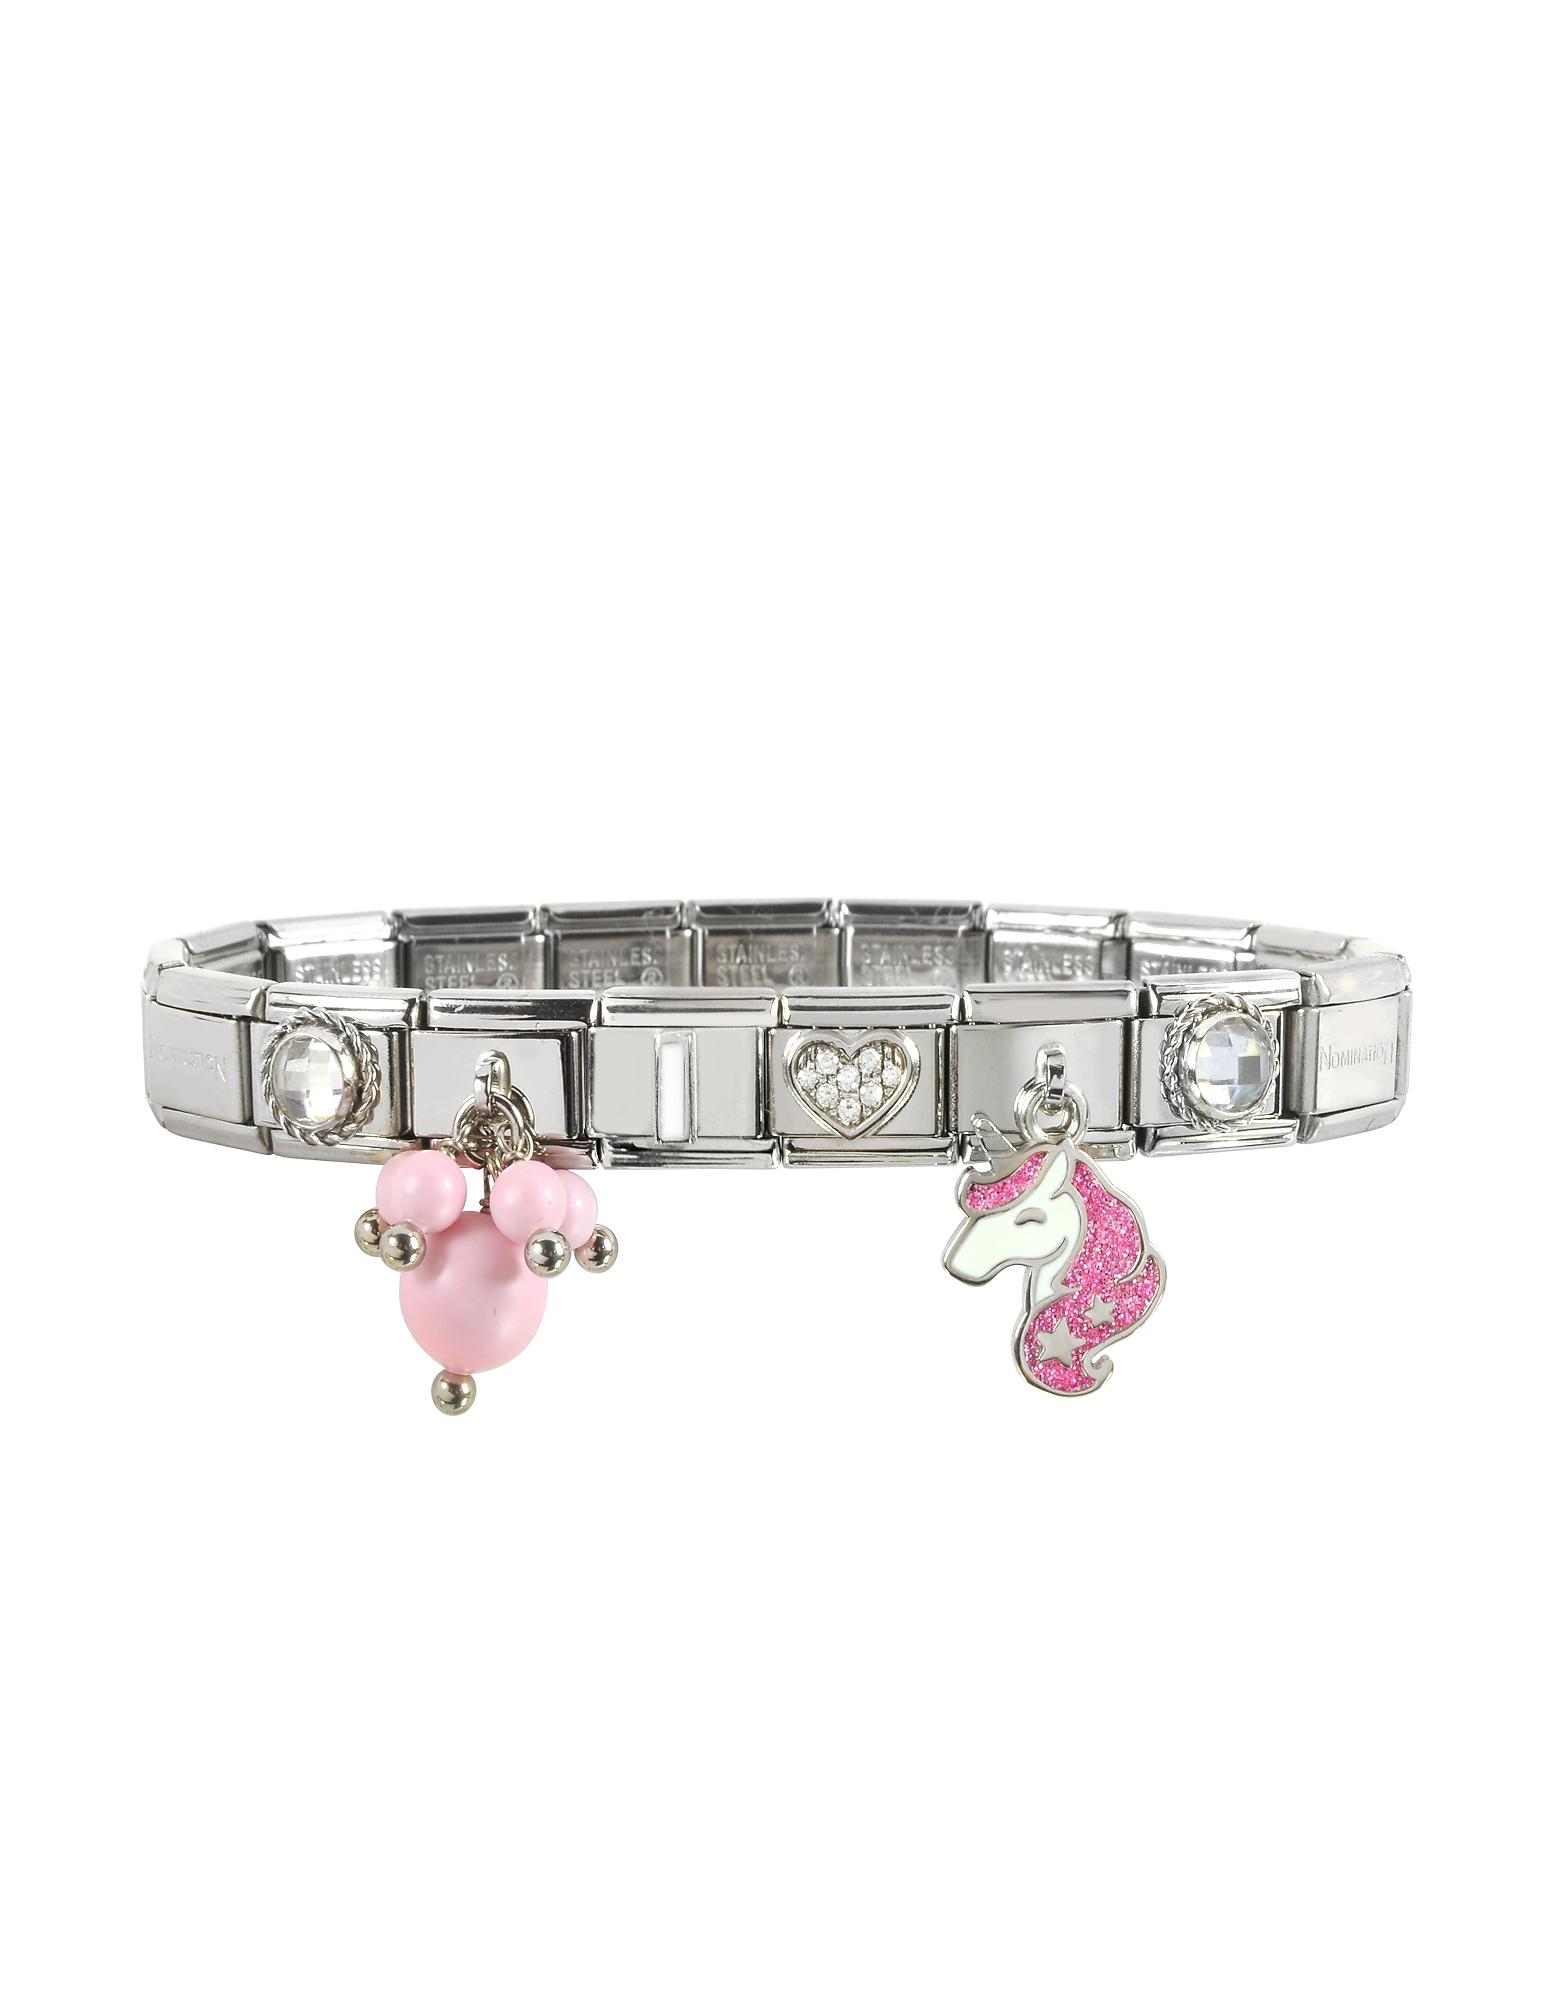 Nomination Designer Bracelets, Pink Unicorn Sterling Silver & Stainless Steel Bracelet